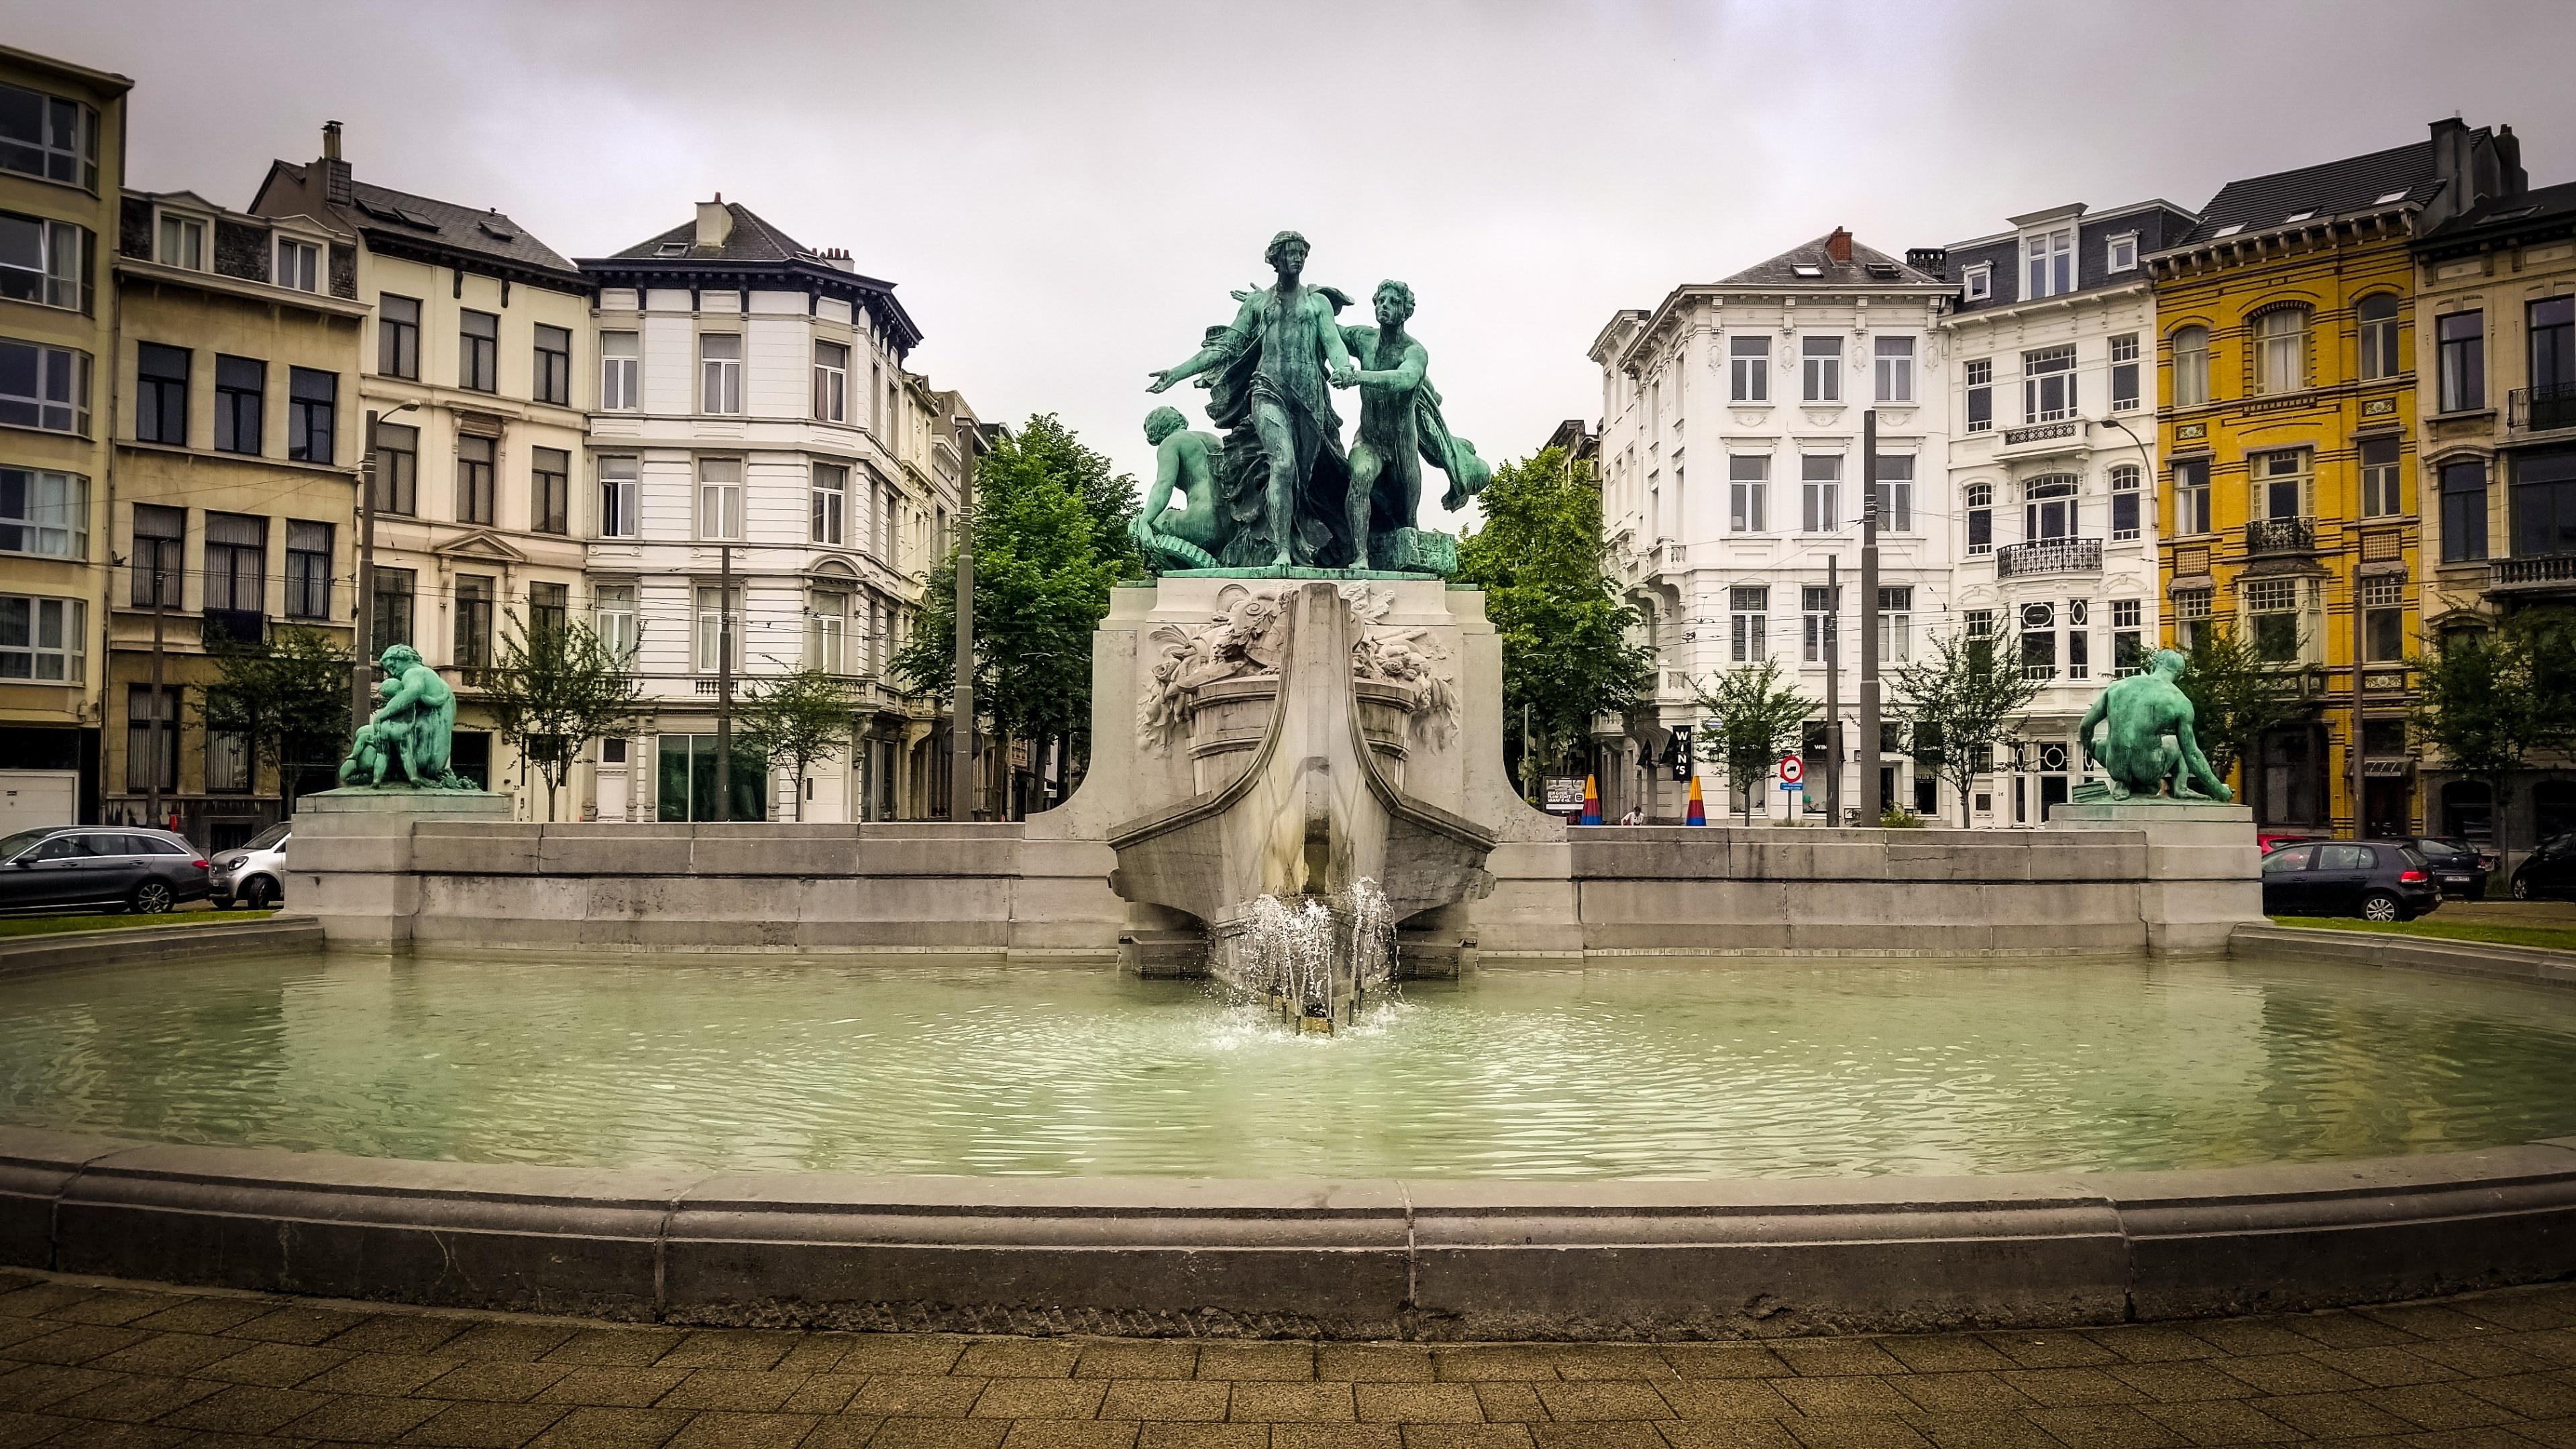 Antwerpen-Süd, Antwerpen, Bezirk Flandern, Belgien